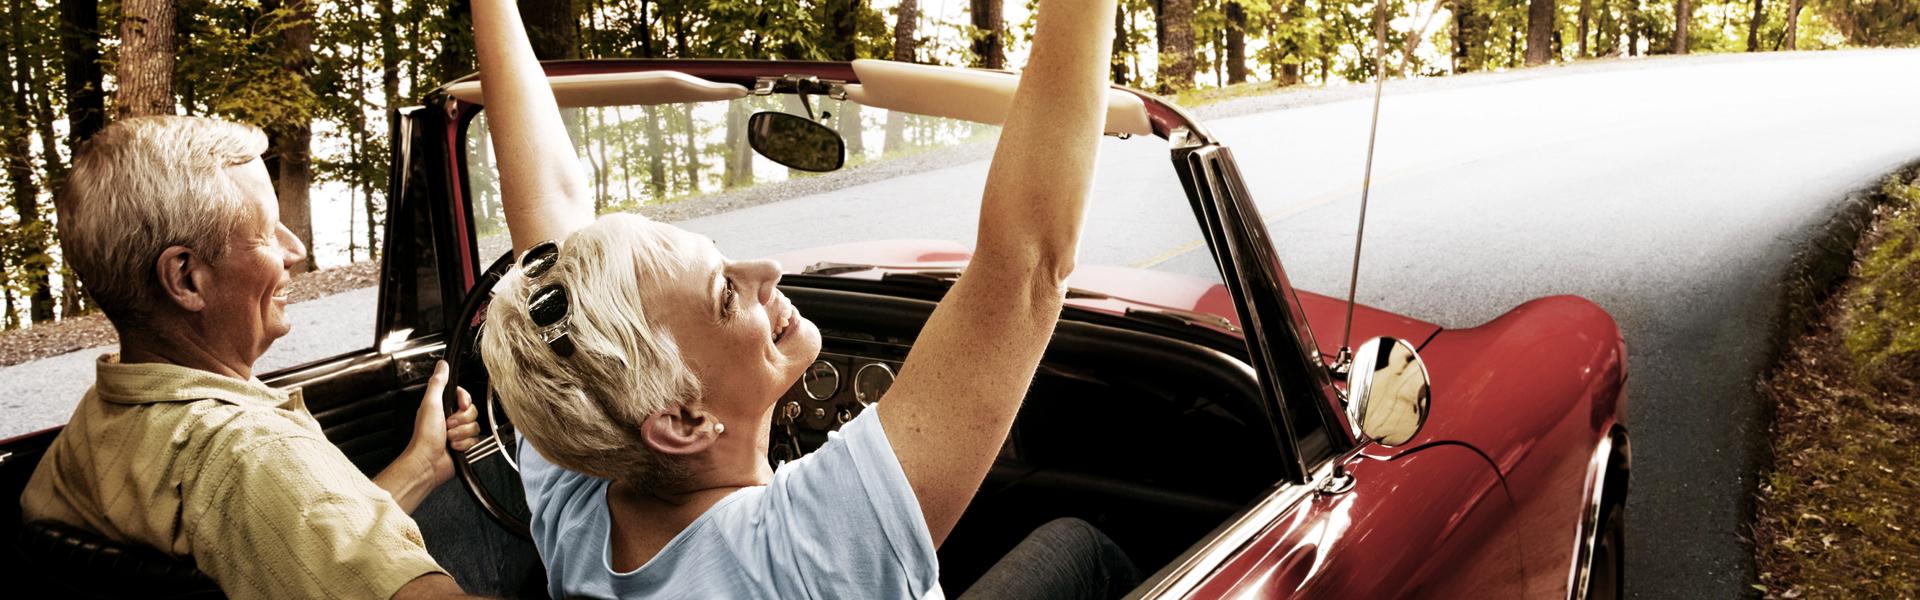 Det åldrande men ålderslösa samhället